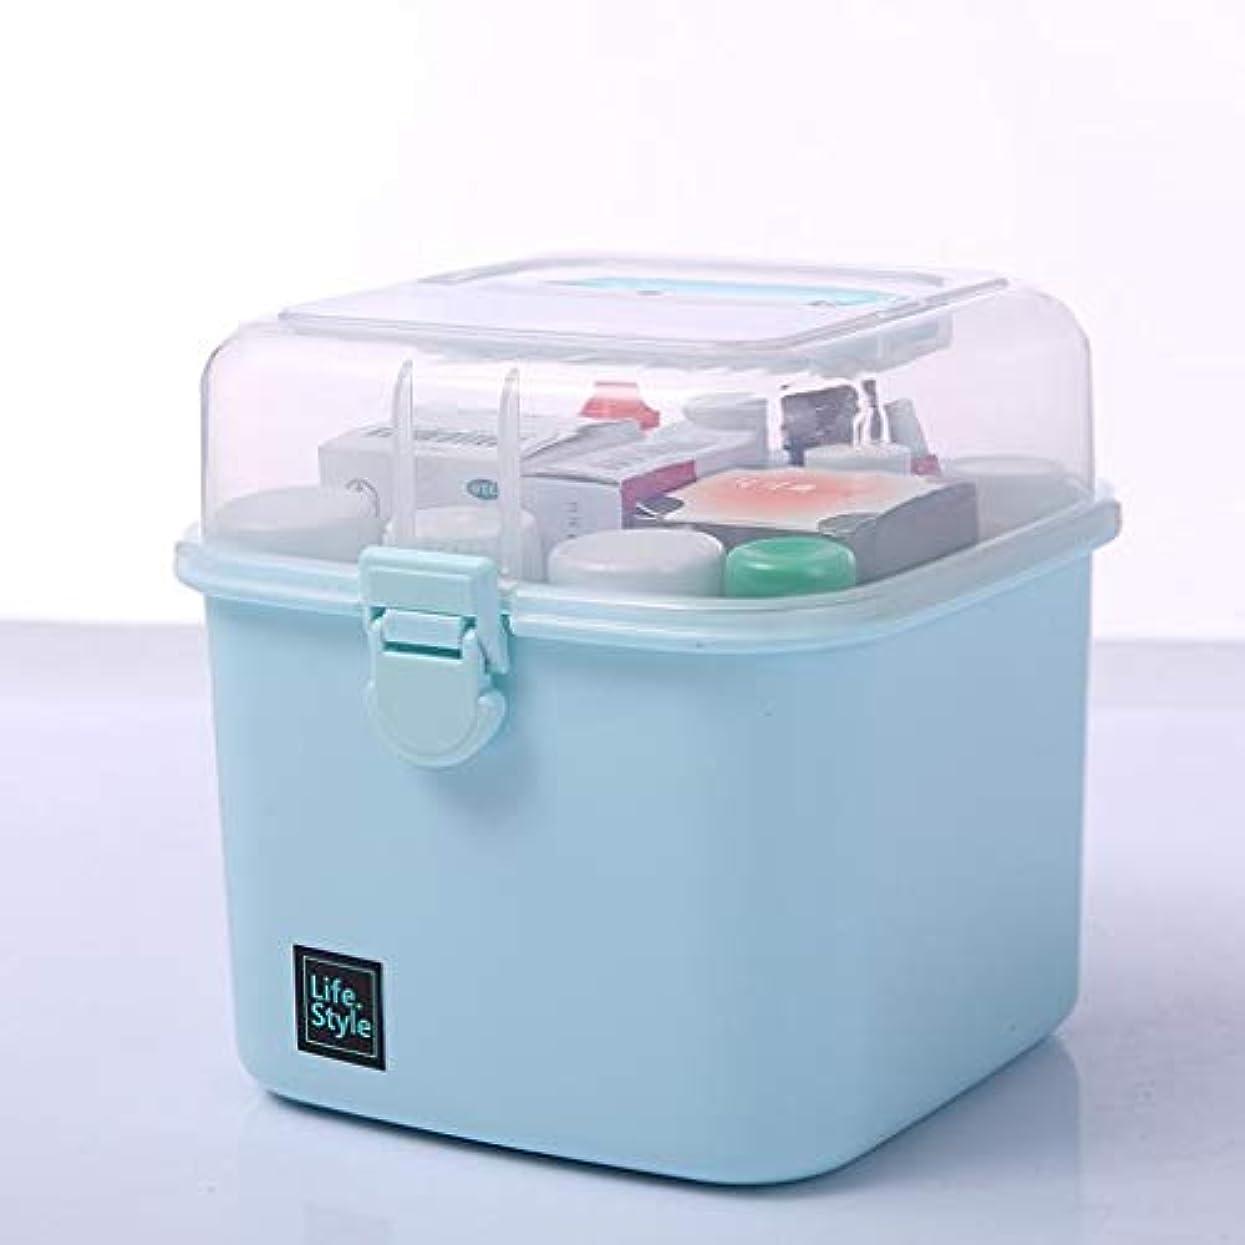 あからさま仲良し現れるプラスチック家庭用薬箱家族小さな薬箱収納ボックスポータブル学生救急キット薬箱医療箱小 薬箱 (Color : Blue, Size : 14cm×14cm×16cm)